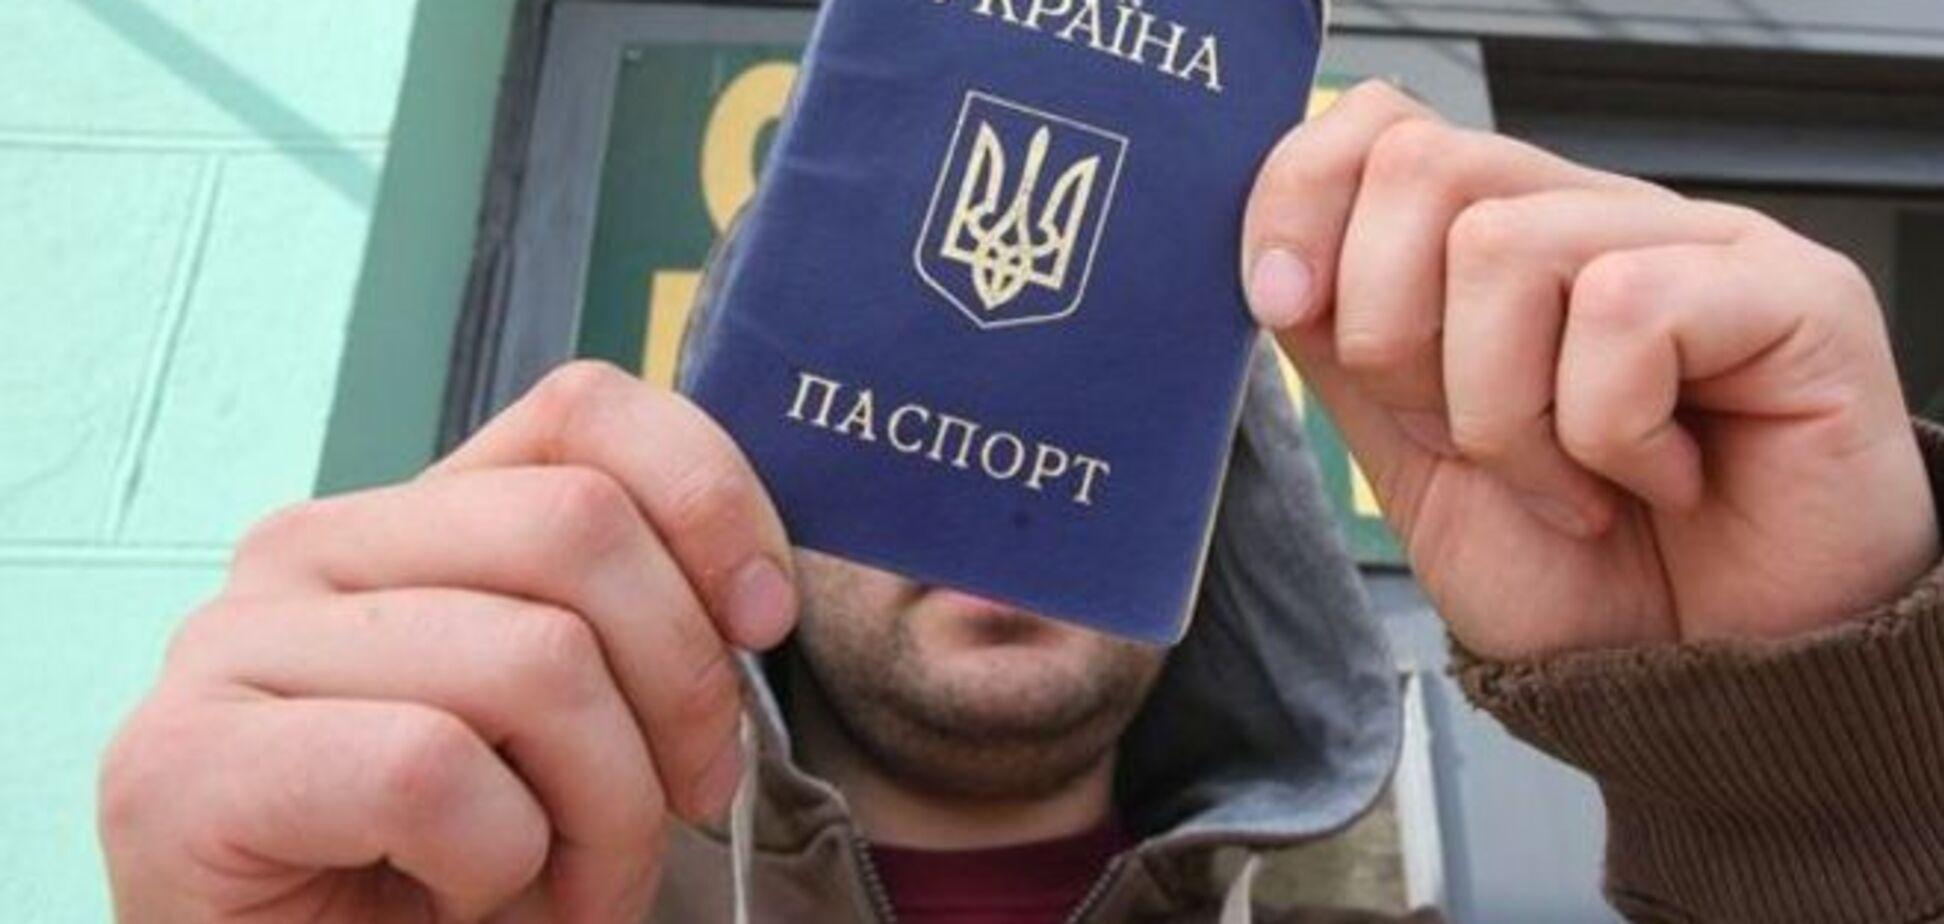 Харьковчанам придется повсюду носить с собой документы - антитеррористические меры